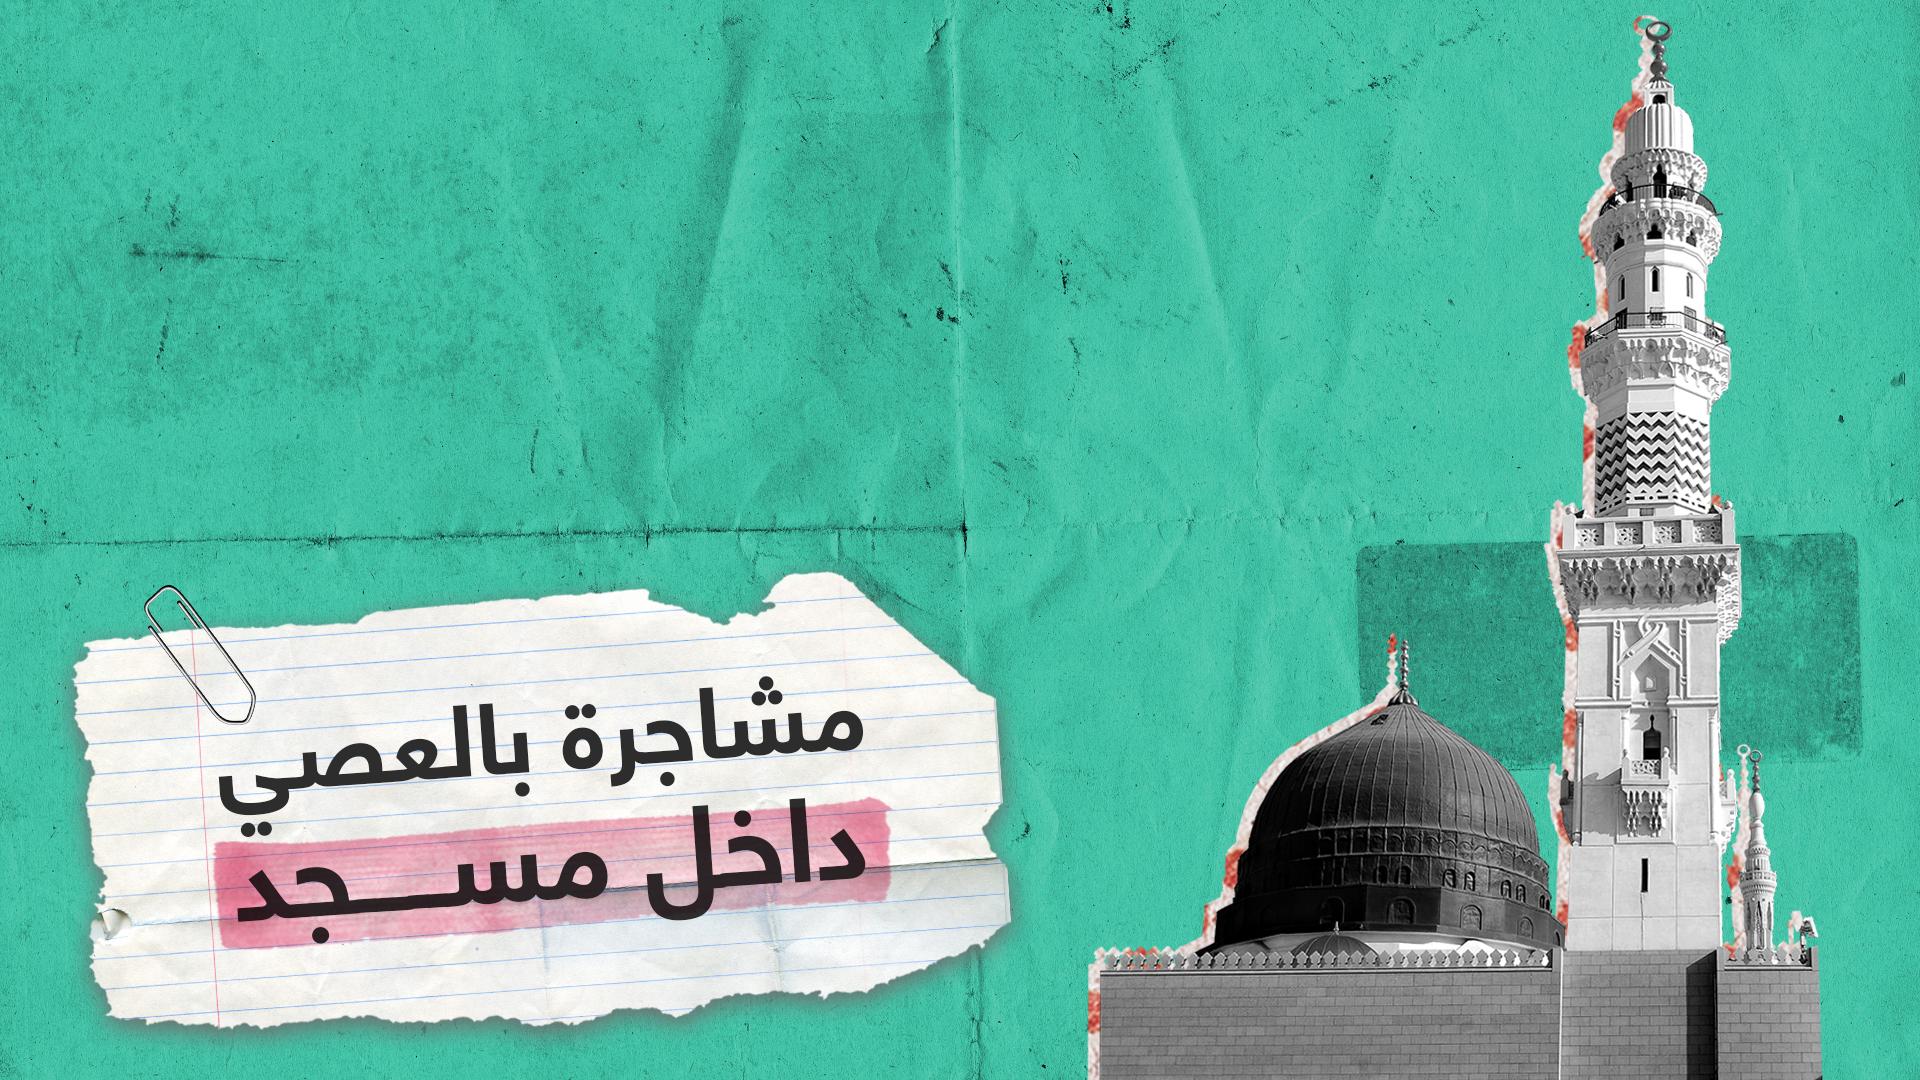 مشاجرة بالعصي داخل أحد مساجد القاهرة والأوقاف توضح السبب